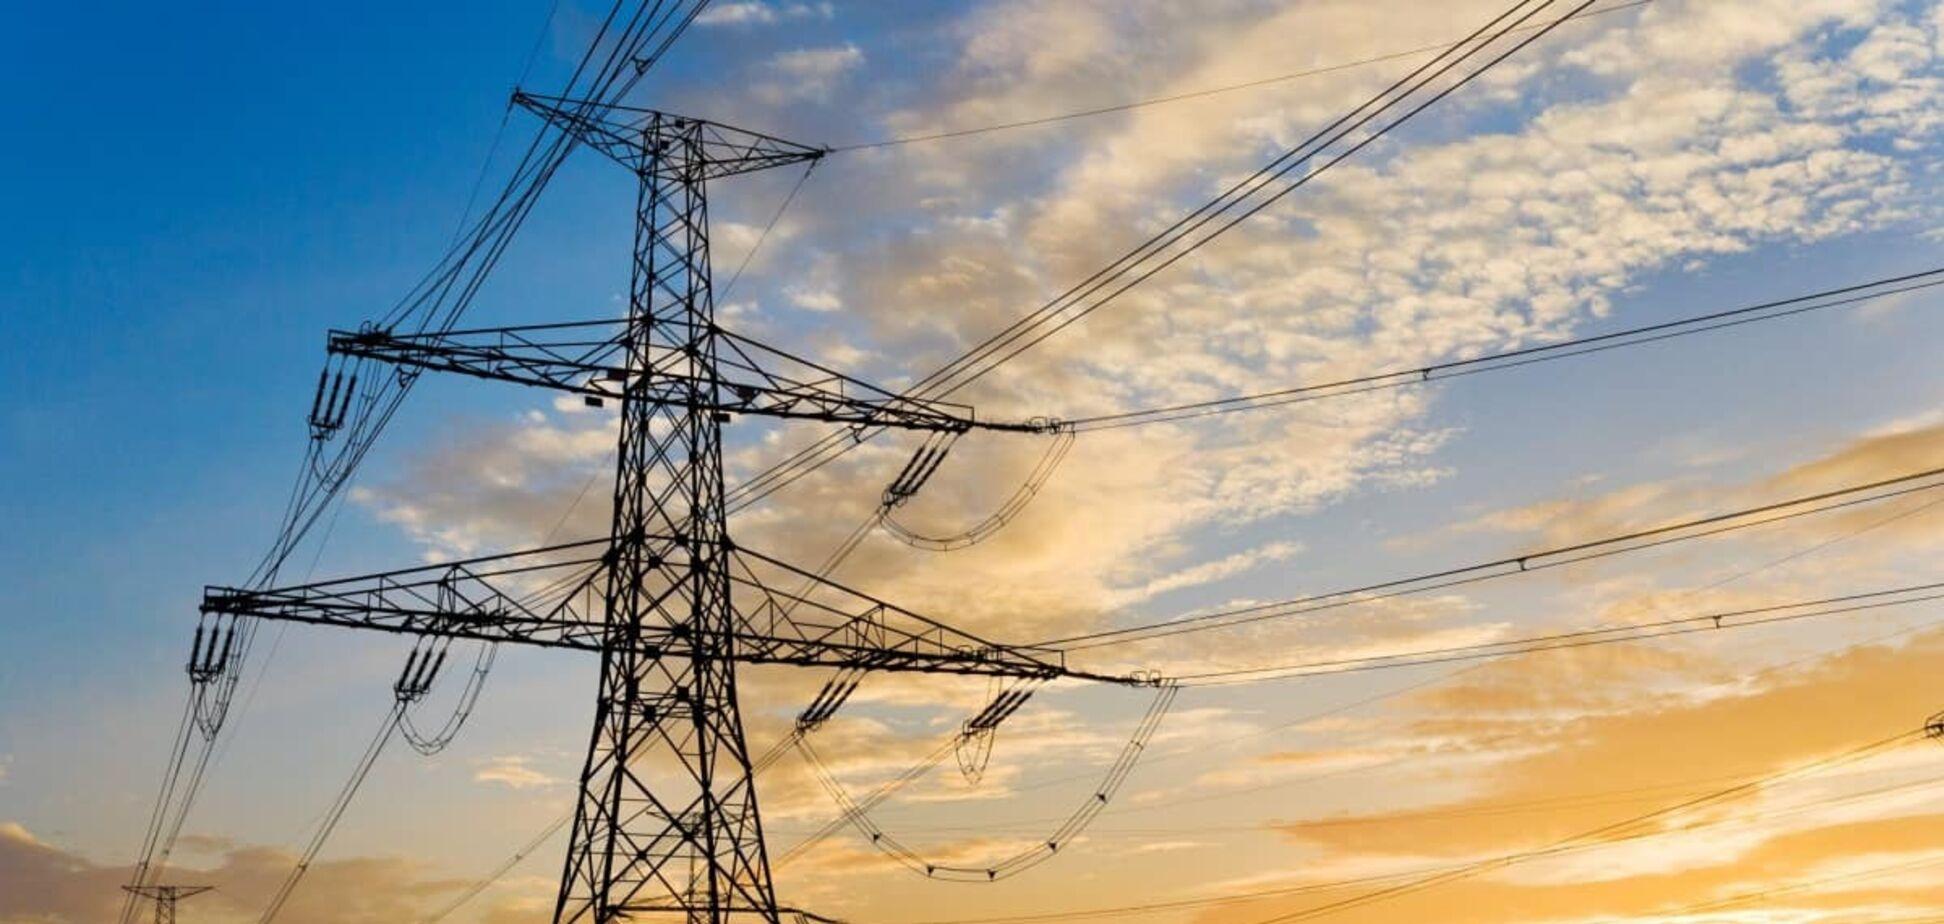 Скільки коштуватиме електроенергія в Україні